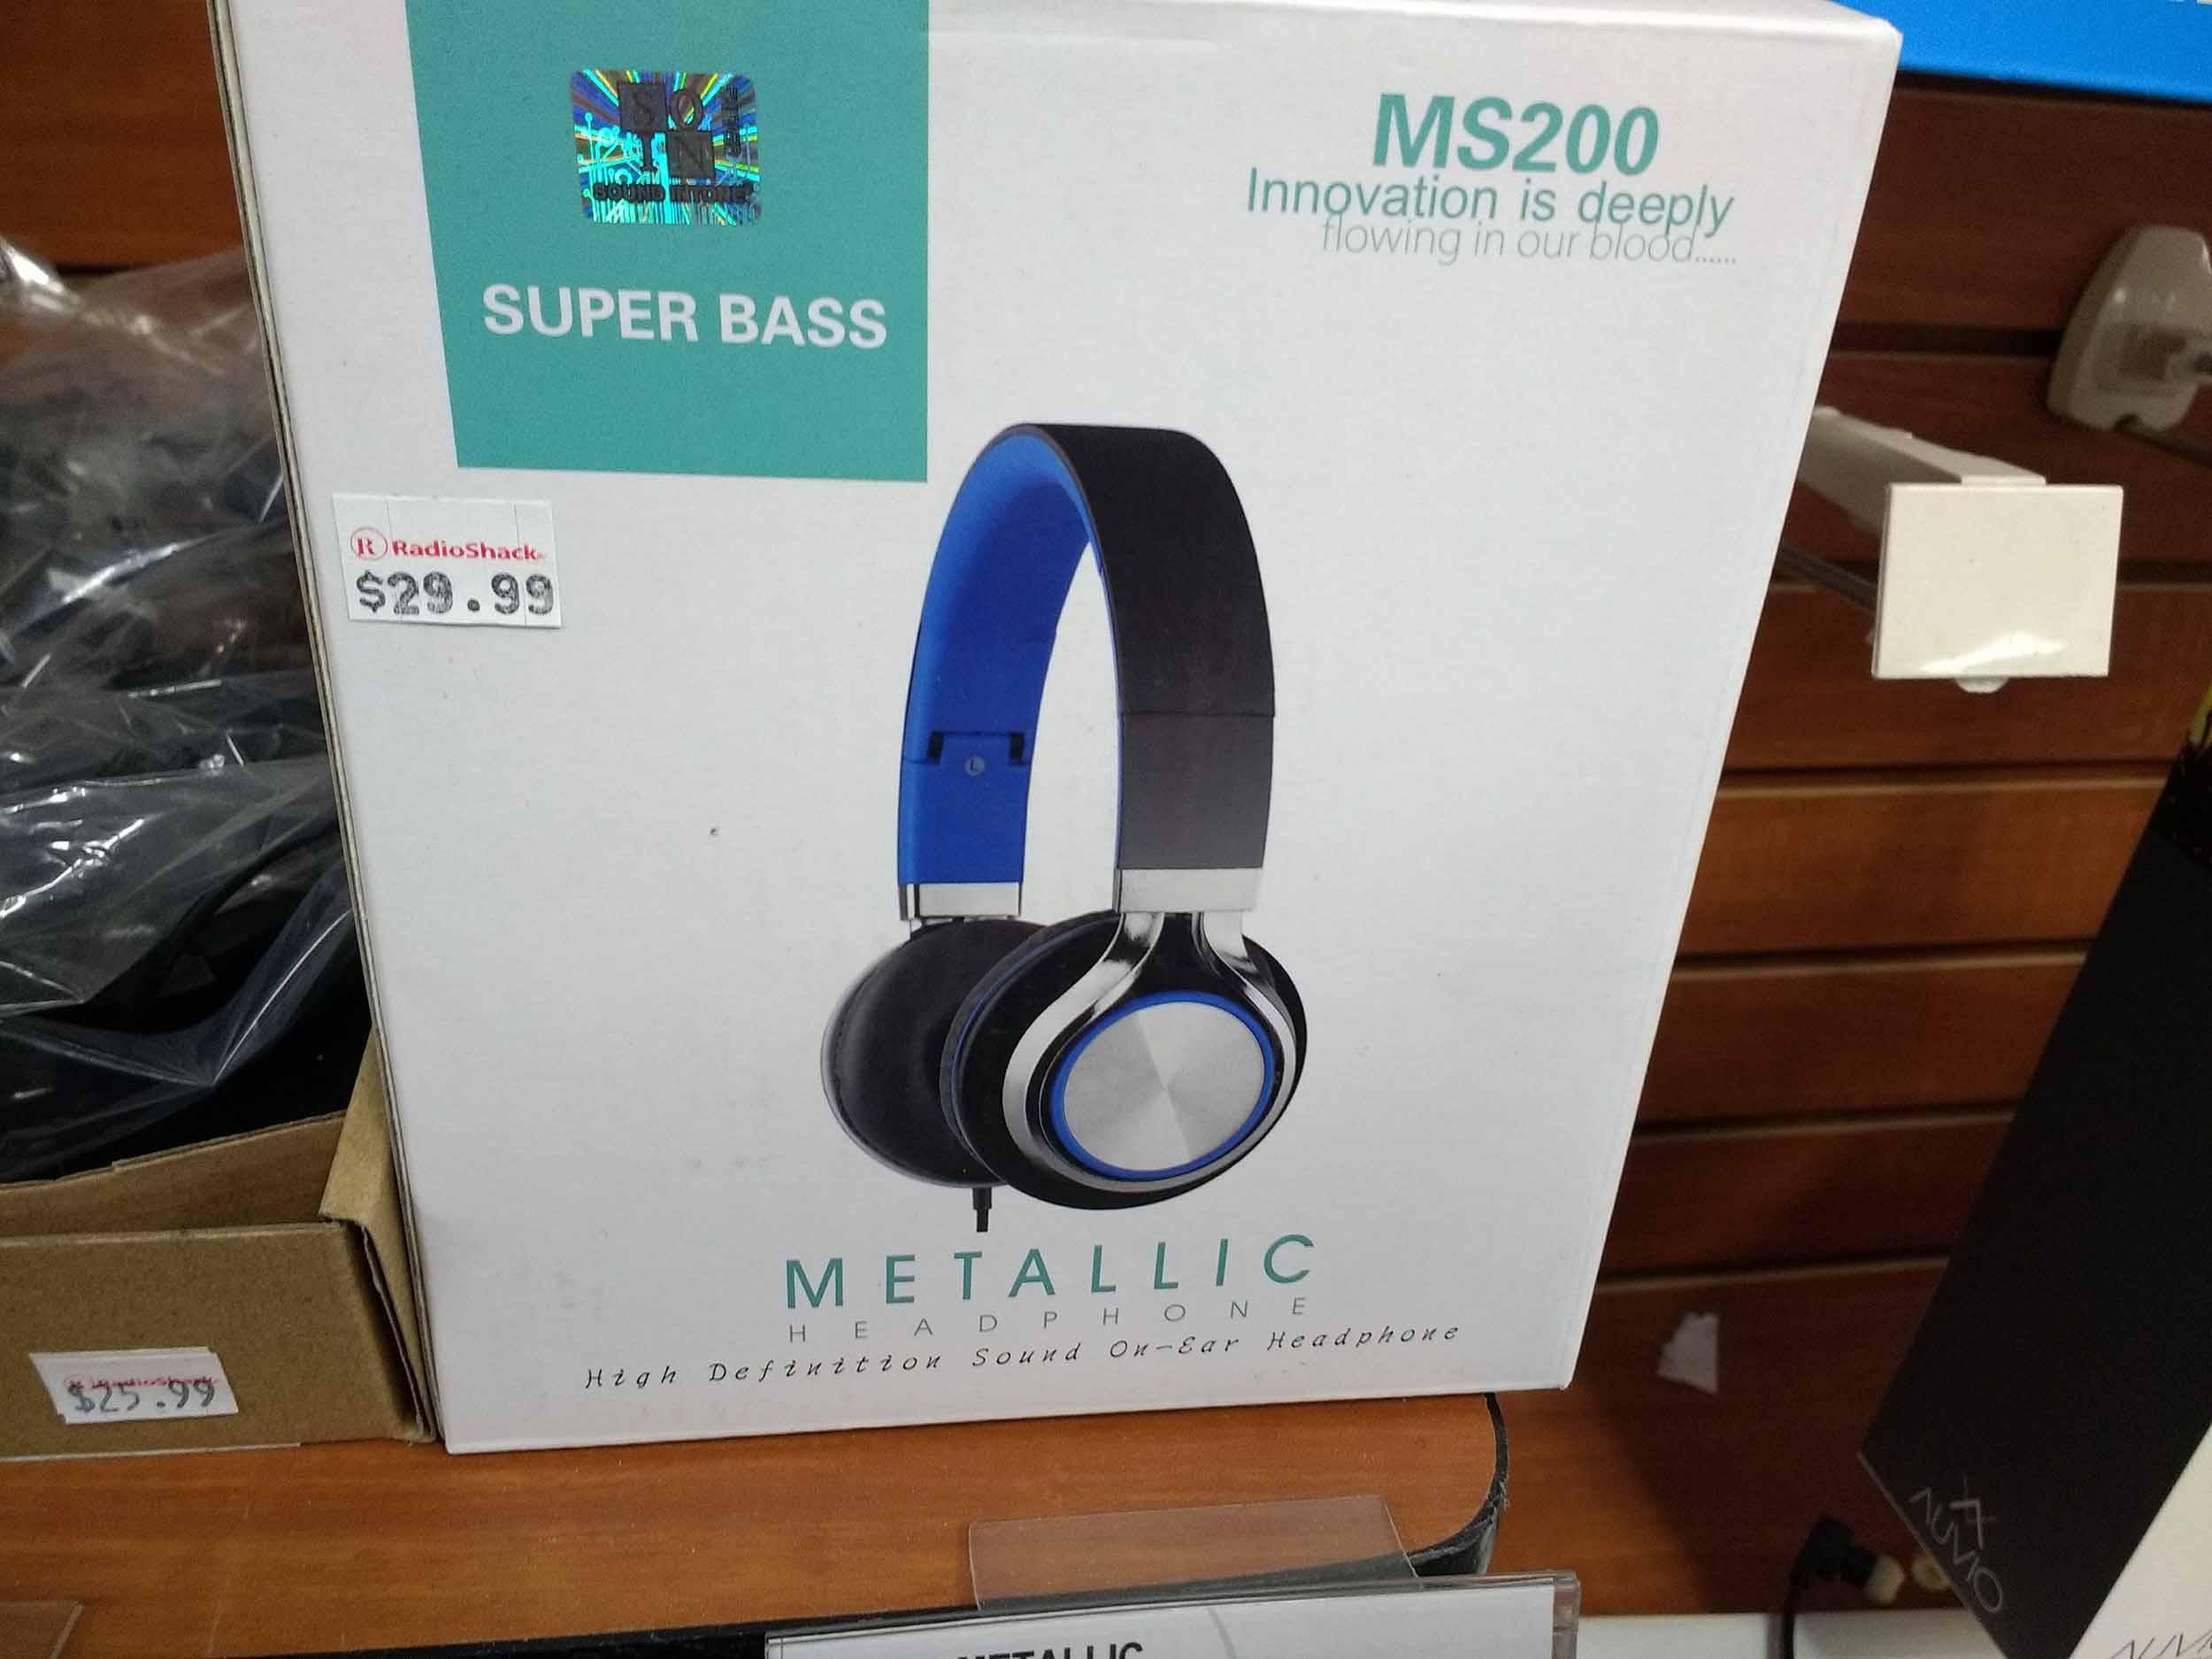 Metallic Super Bass headphones provide rich sound.